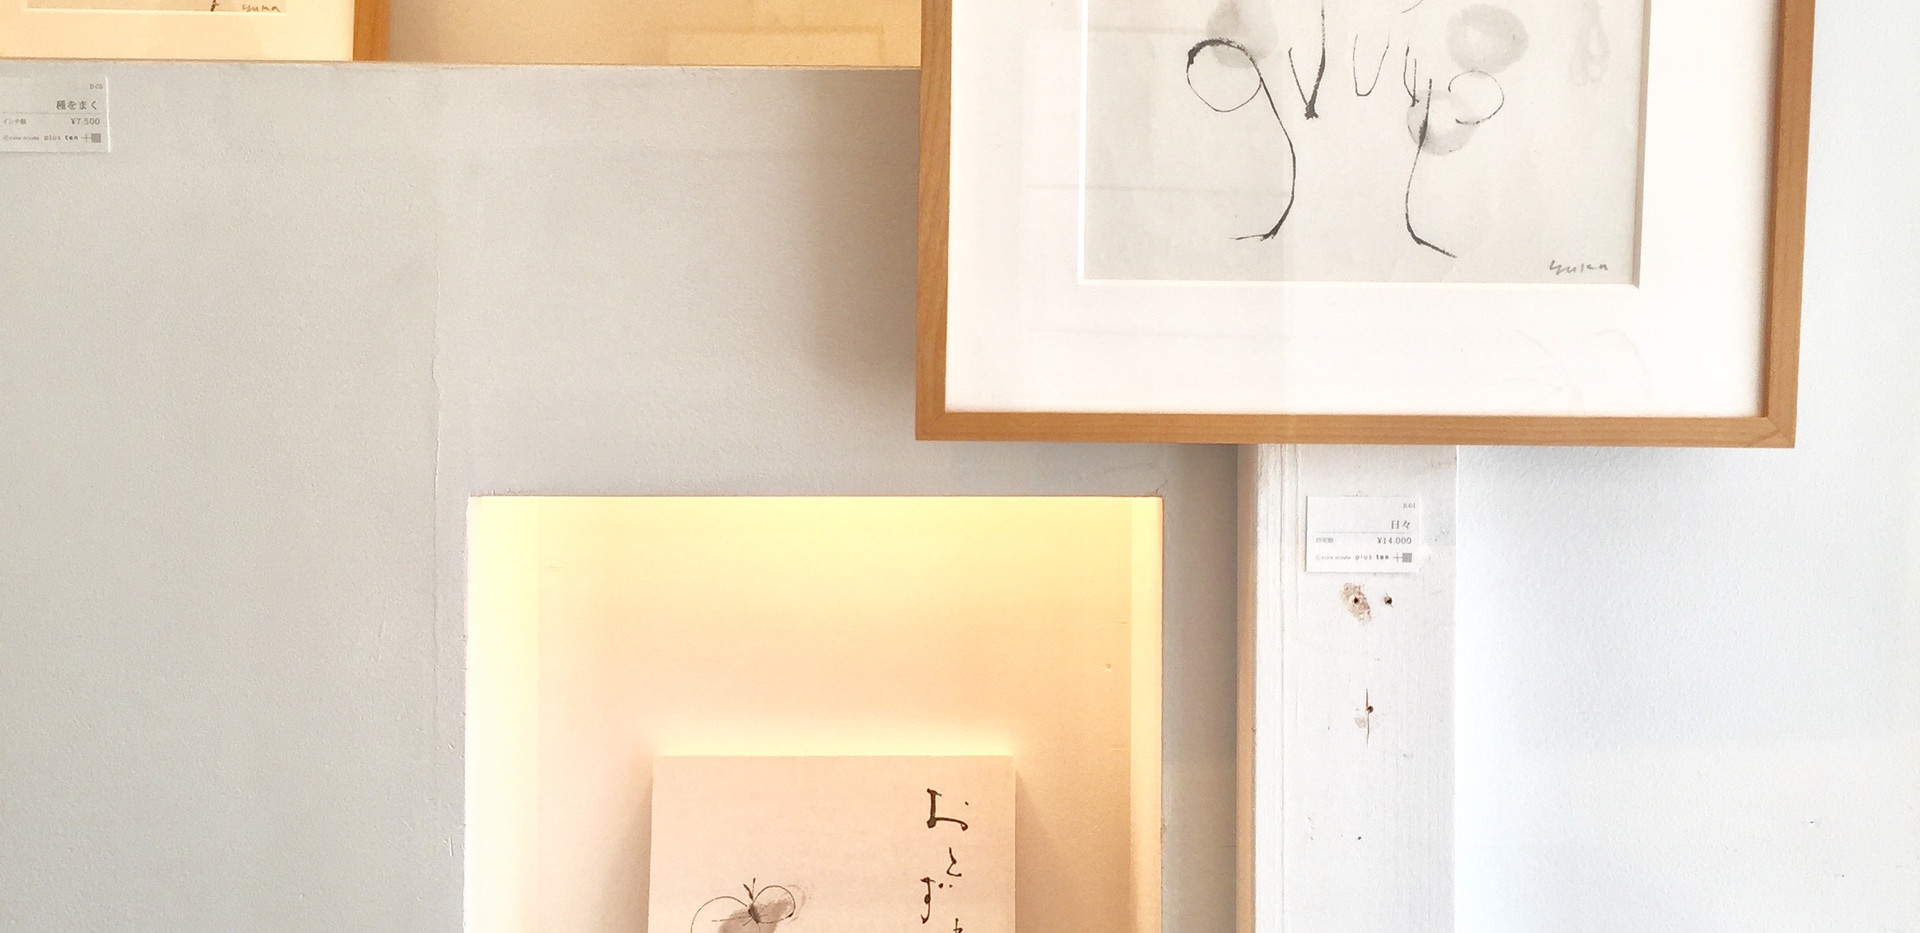 アロマロースト様exhibition3.jpg